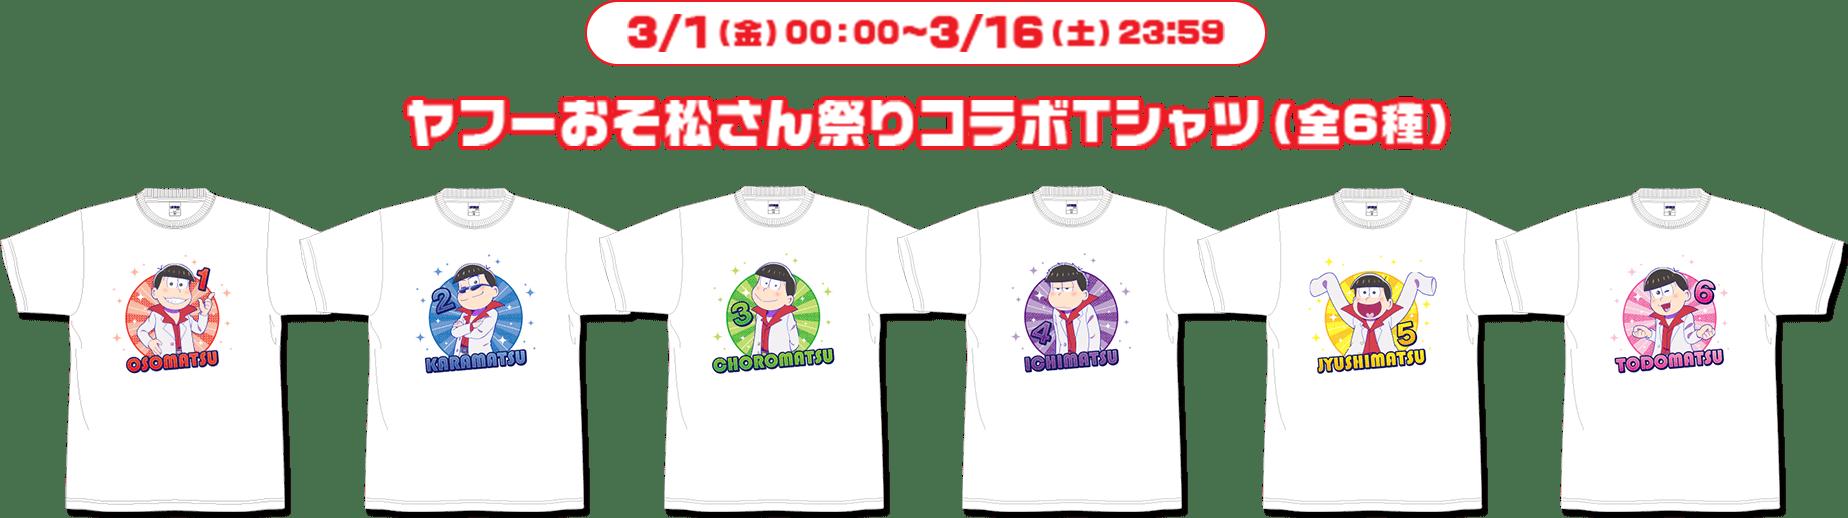 3/1(金)00:00~3/16(土)23:59 ヤフーおそ松さん祭りコラボTシャツ(全6種類)